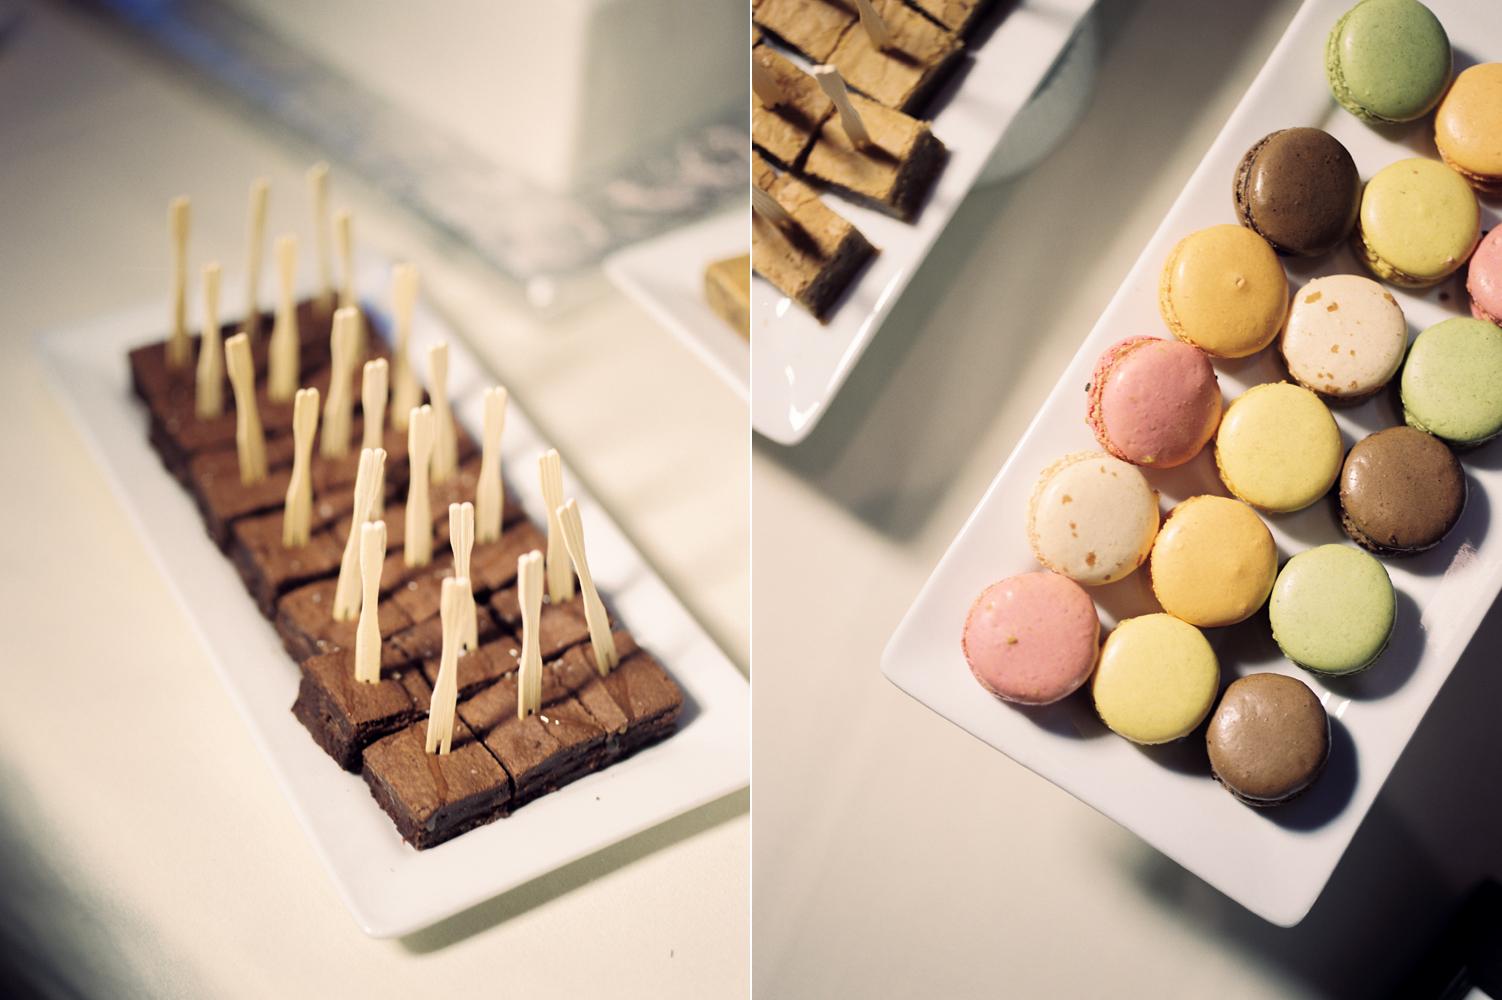 seattle mohai wedding dessert table.jpg